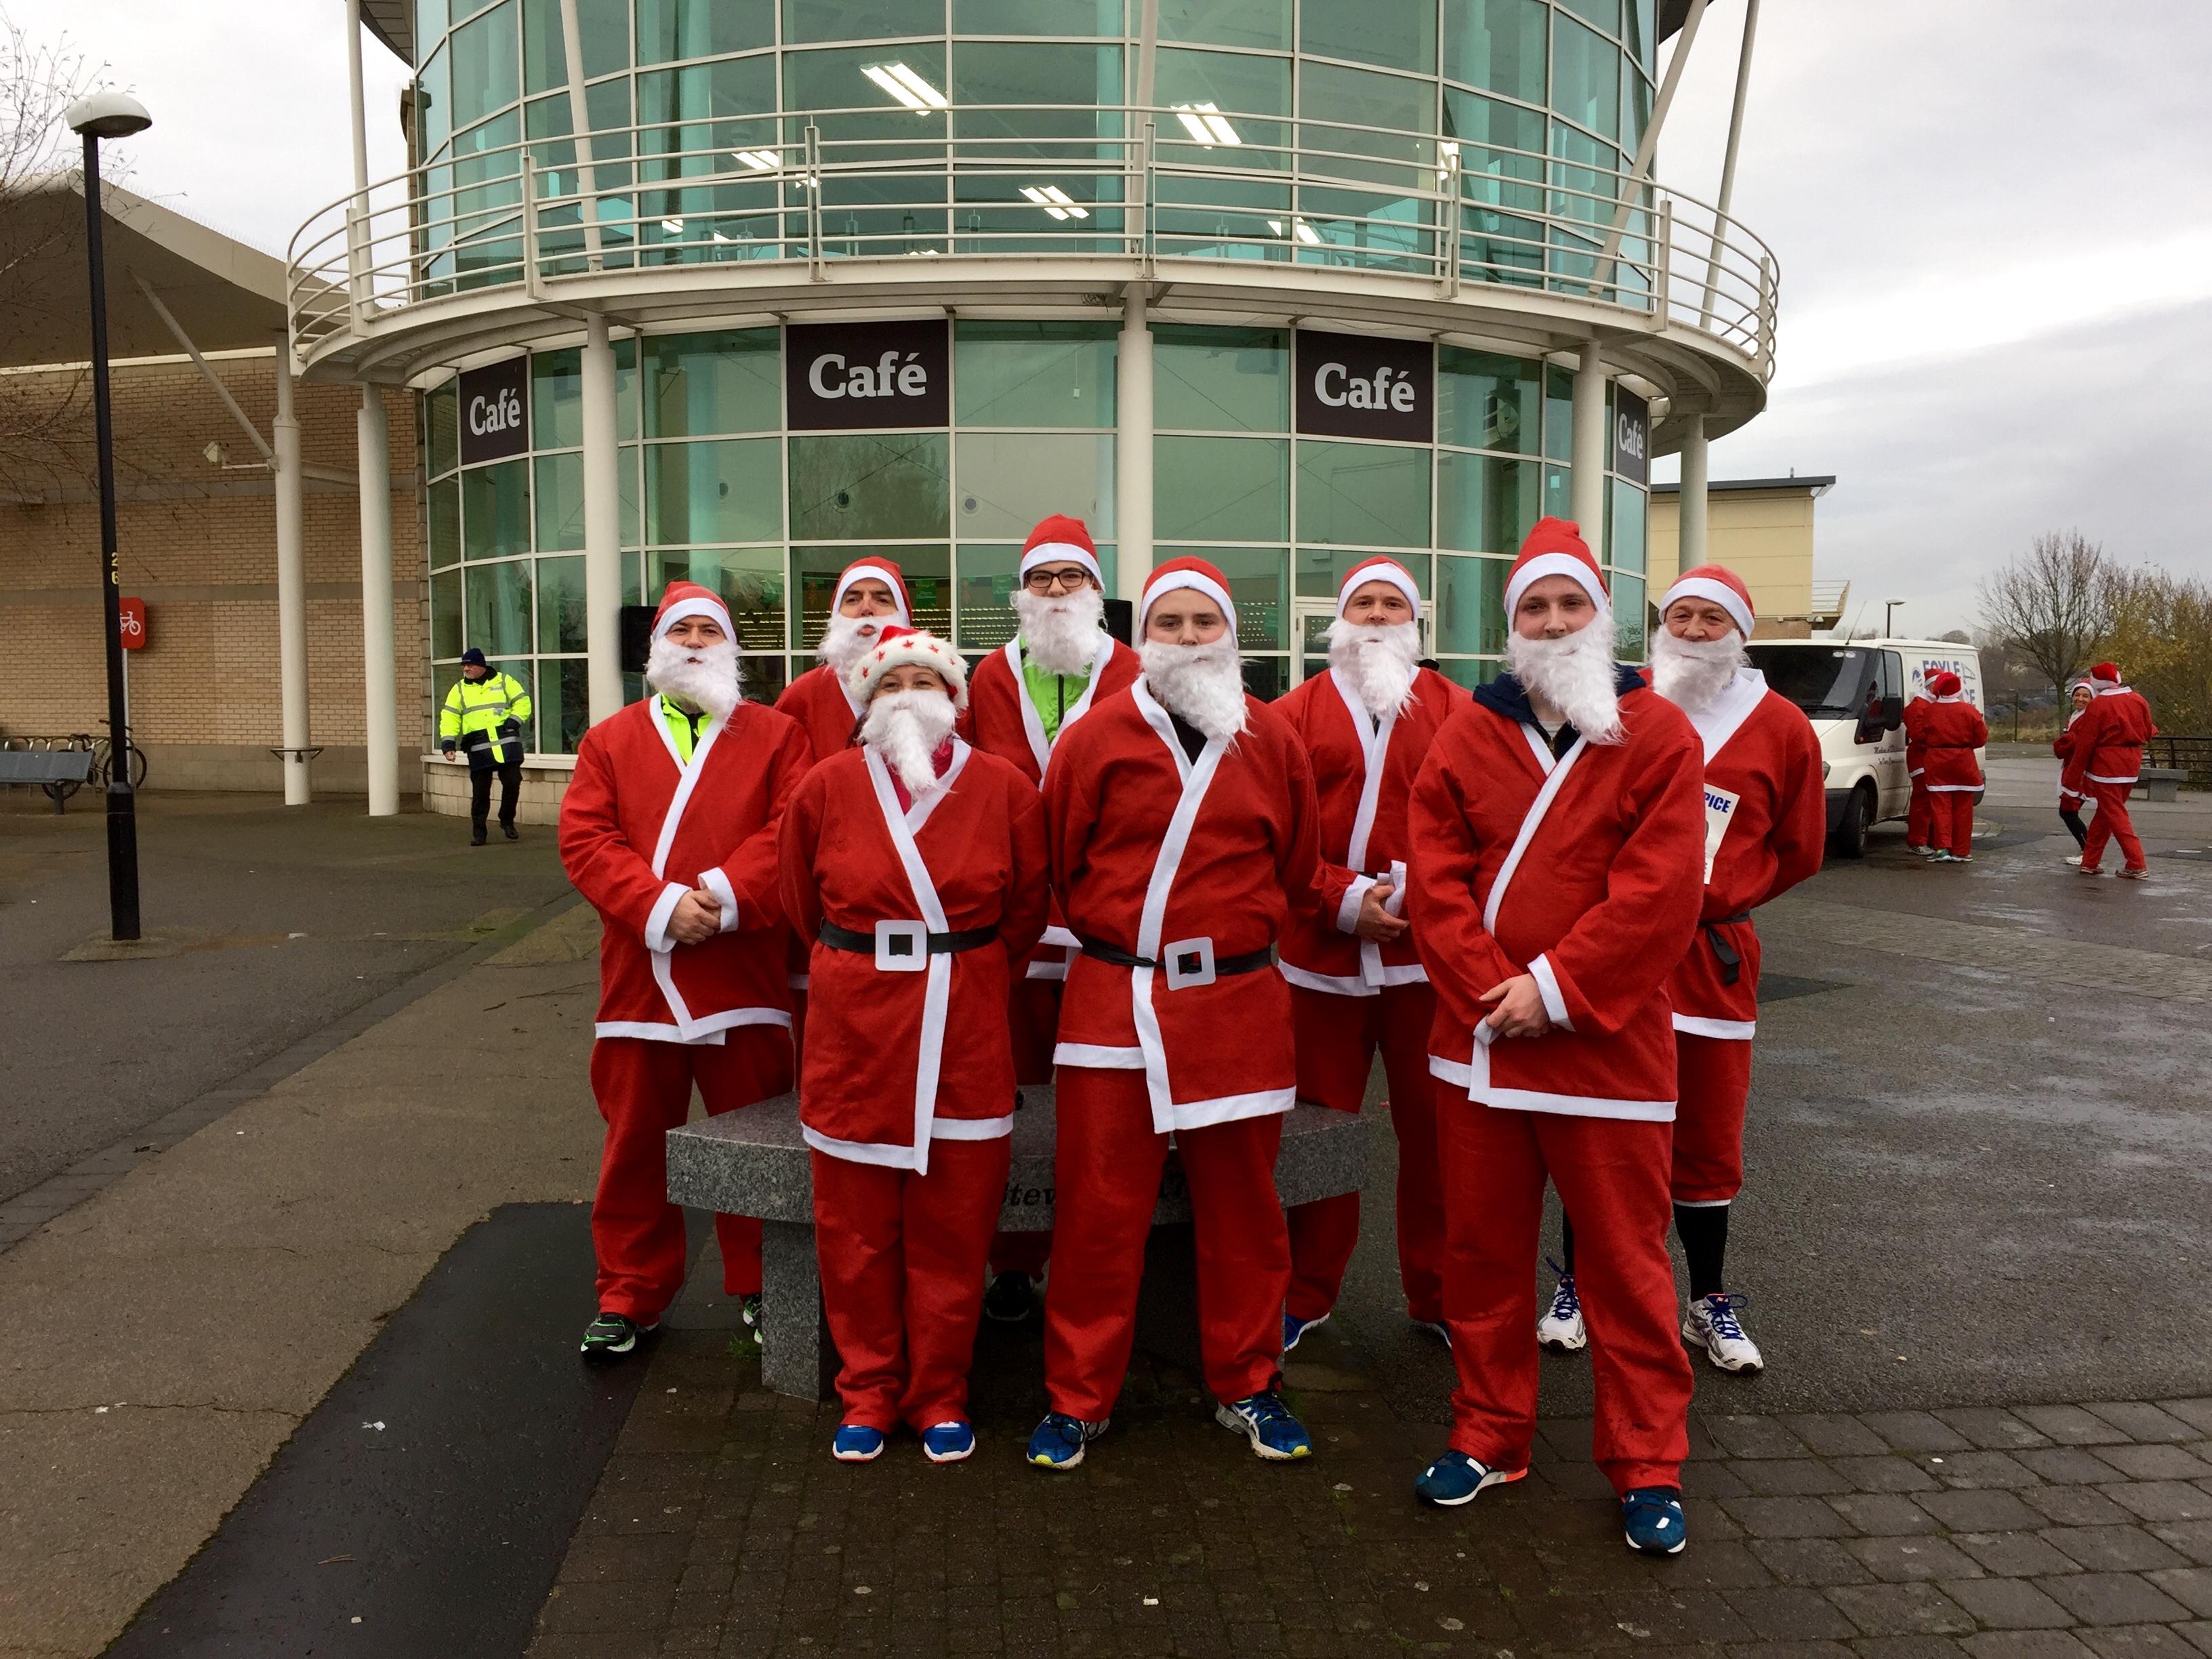 Santa dash fast